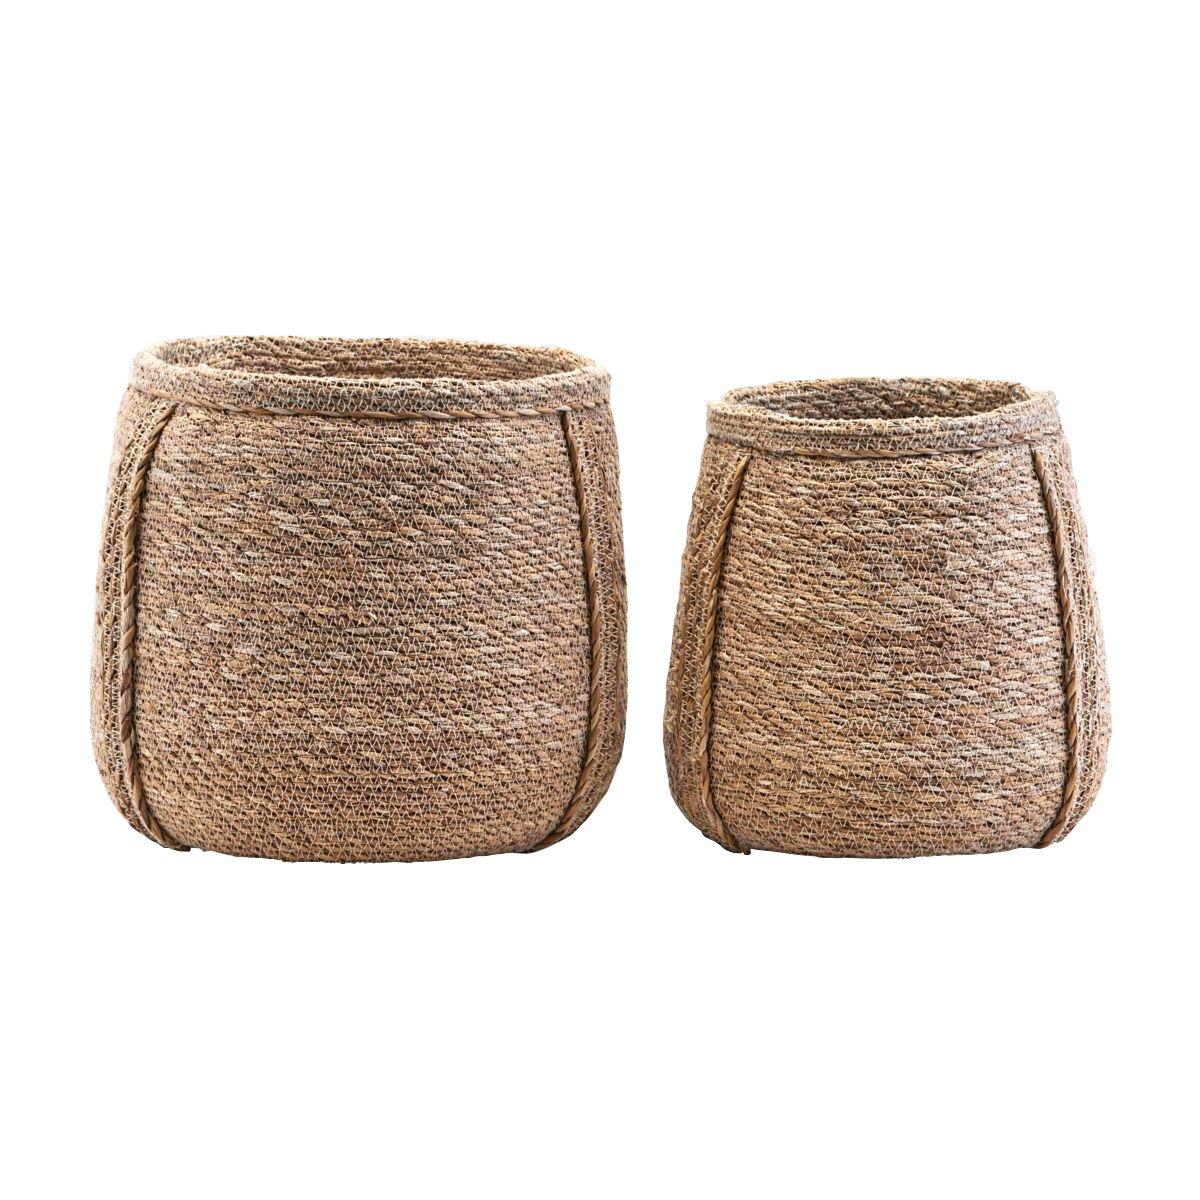 House Doctor - Plant Basket Set of 2 - Natur (GJ0103)